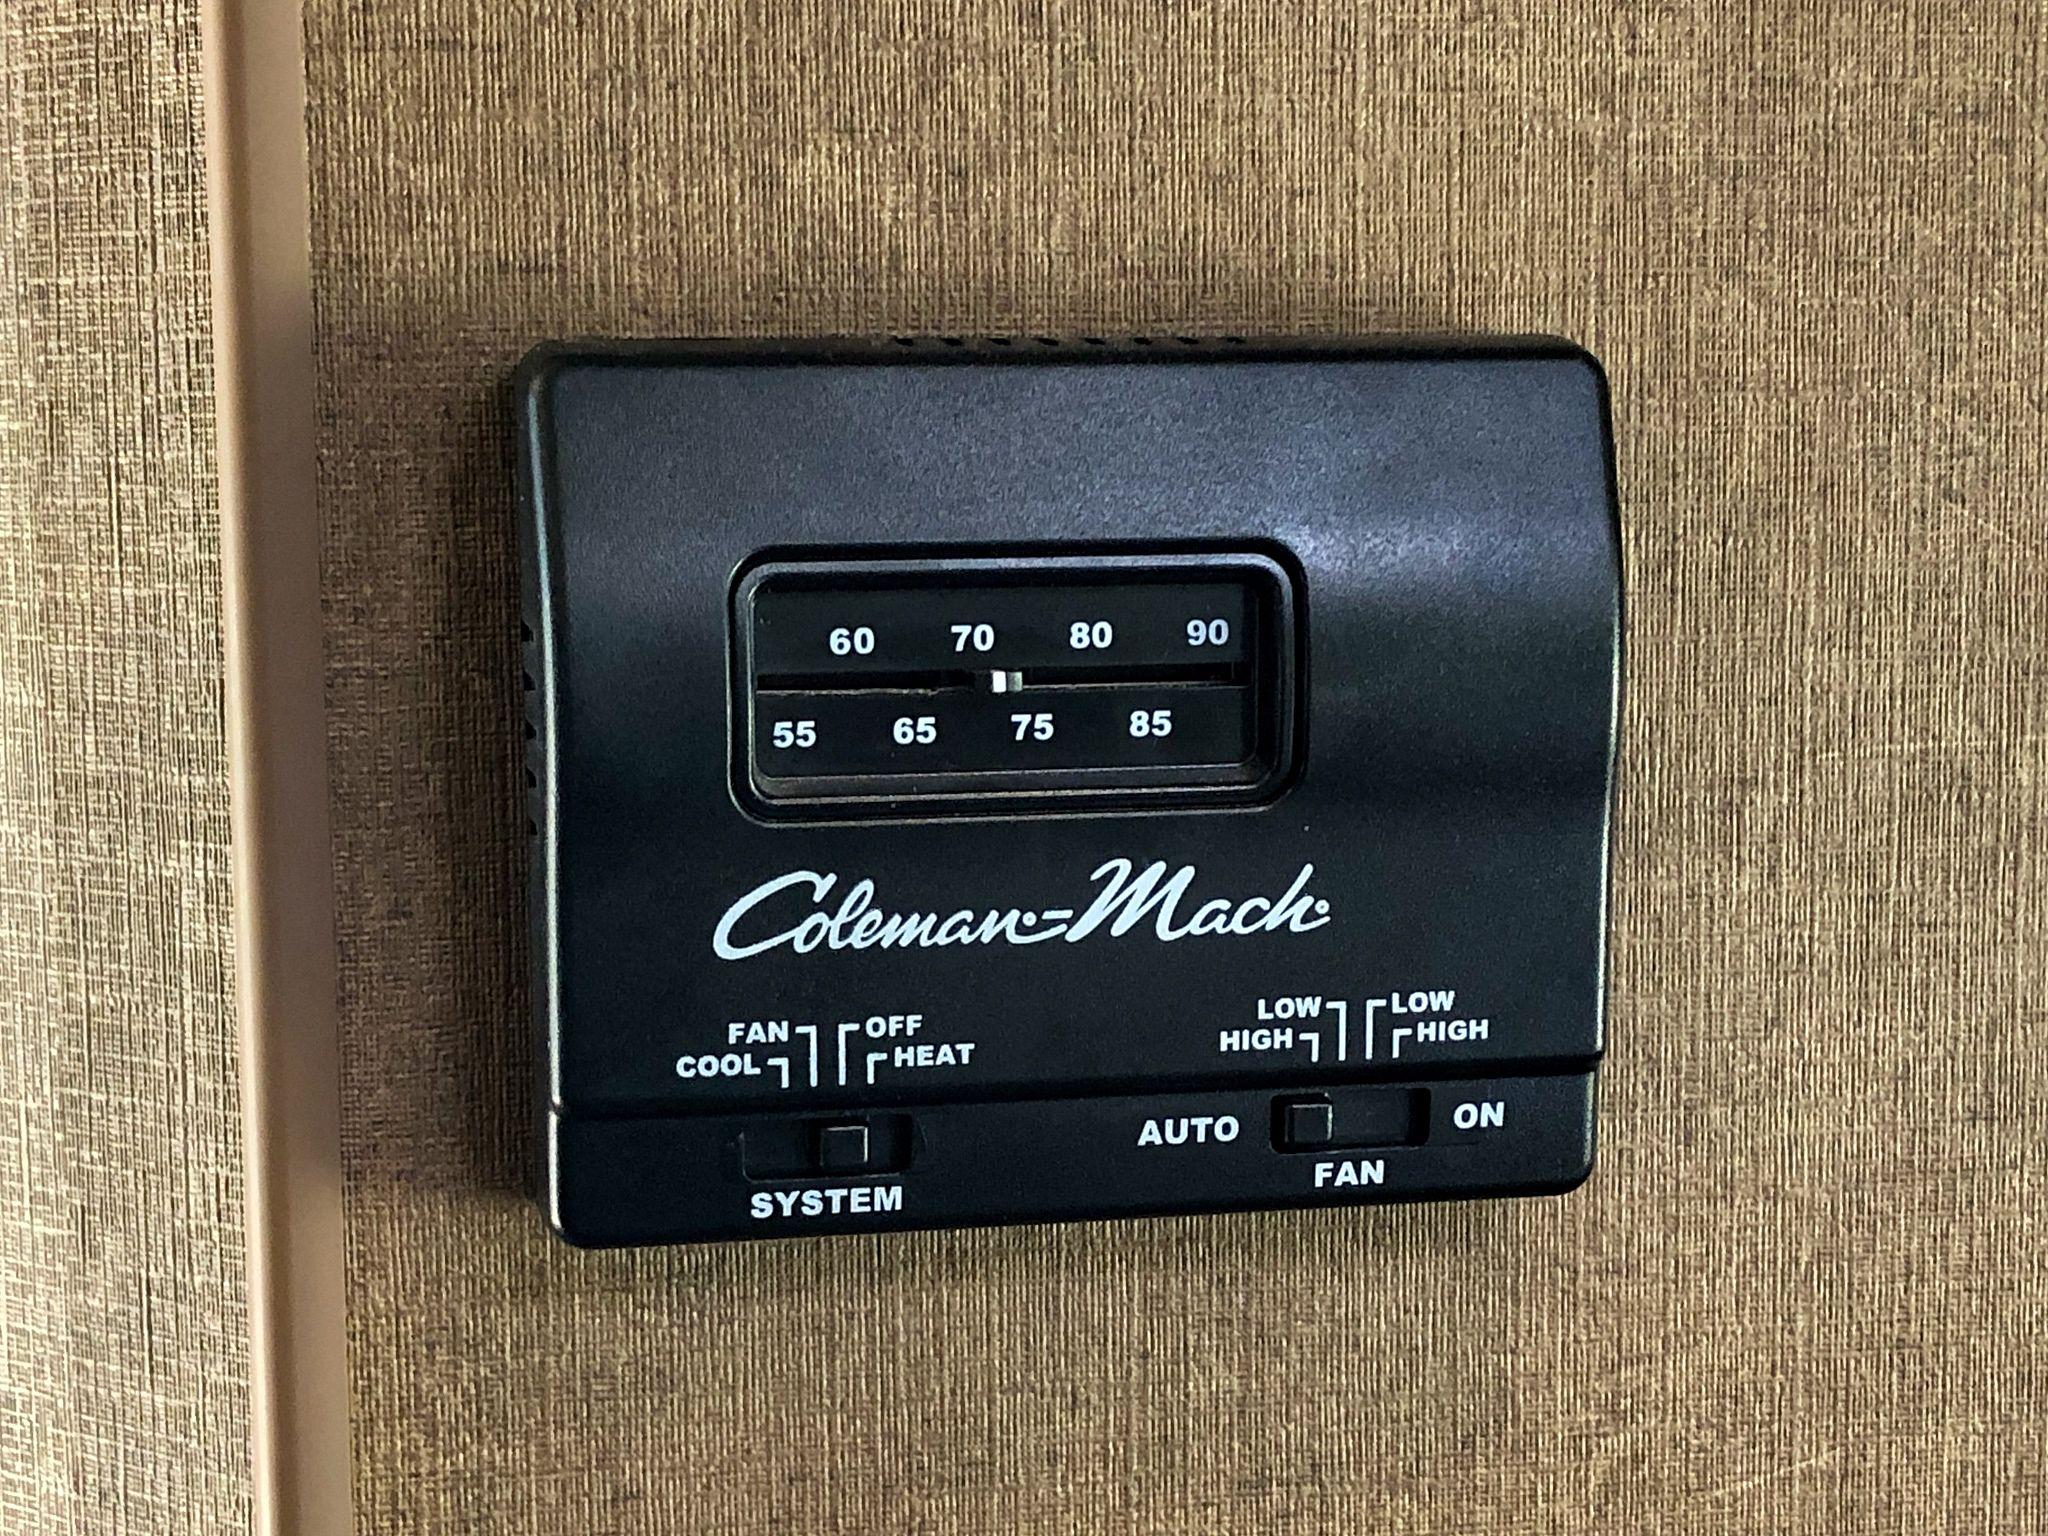 Coleman Mach Thermostat